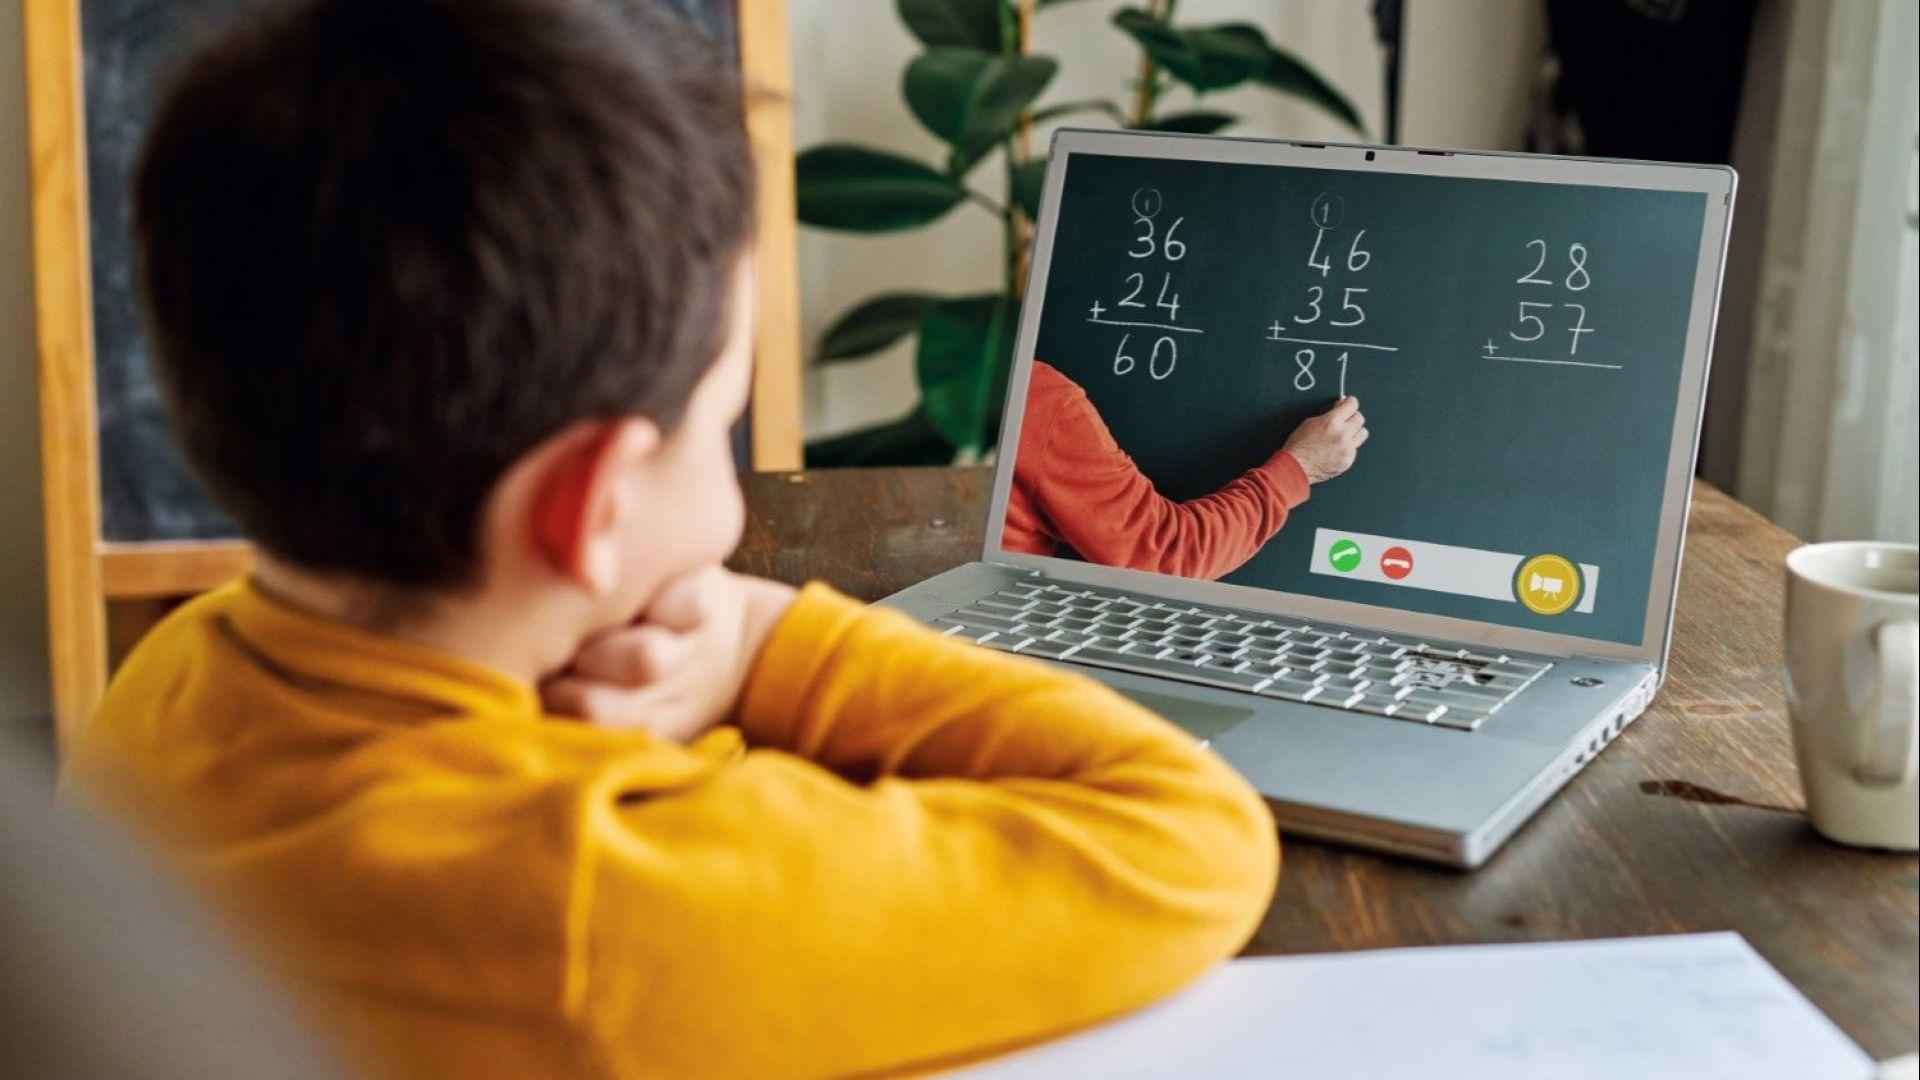 Учениците от 5 до 12 клас остават на дистанционно обучение до 31 януари